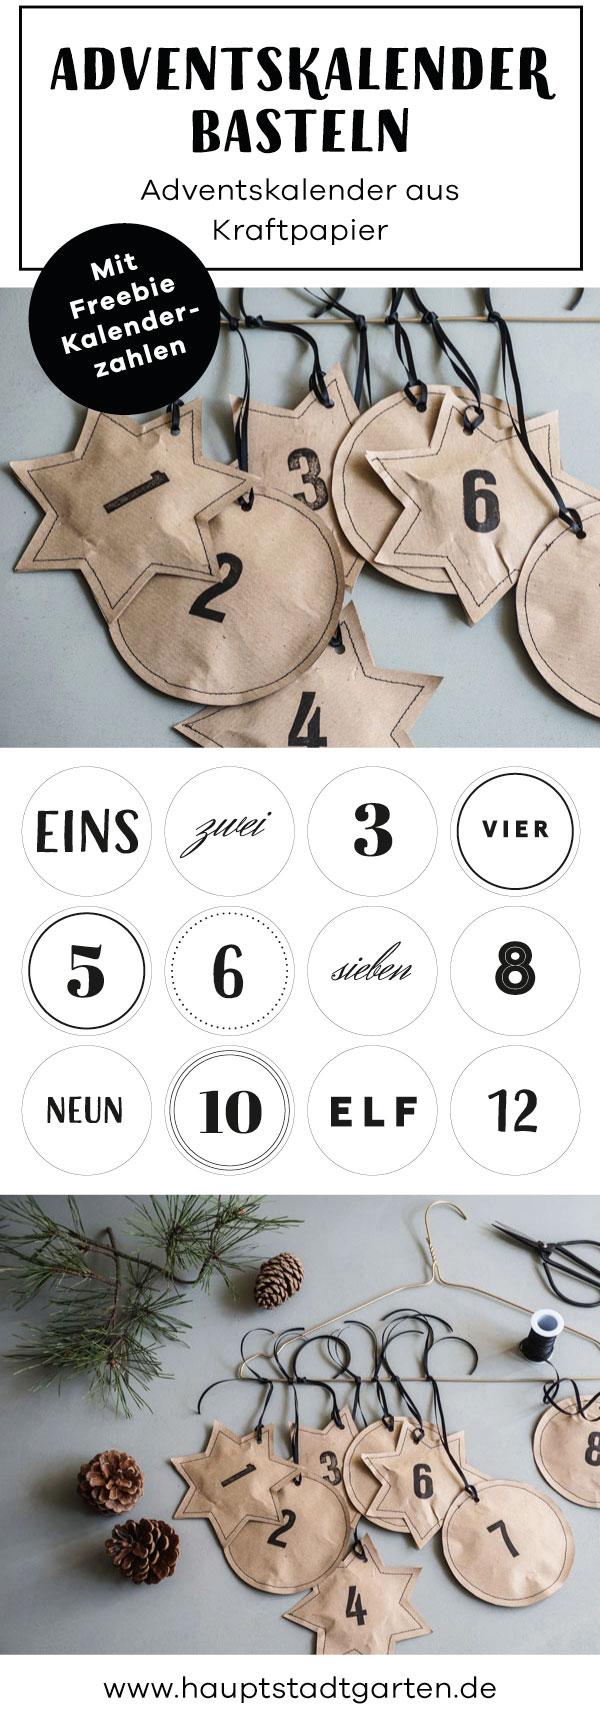 Schöner Adventskalender auf Kraftpapier mit tollen Kalender Zahlen als Freebie zum Download.